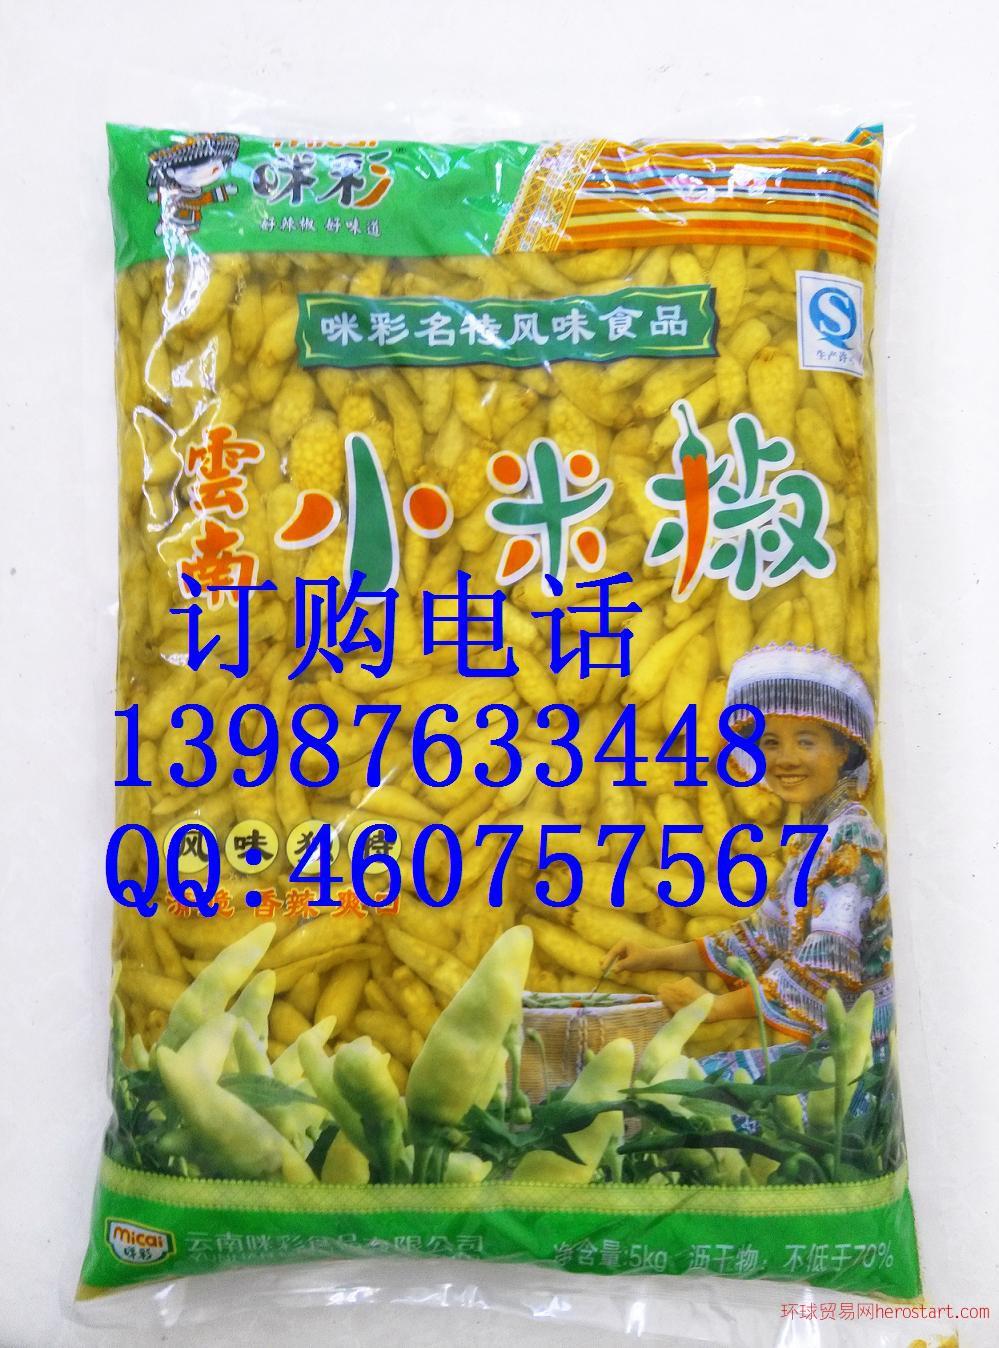 泡小米辣-云南省农业产业化生产小米辣椒家